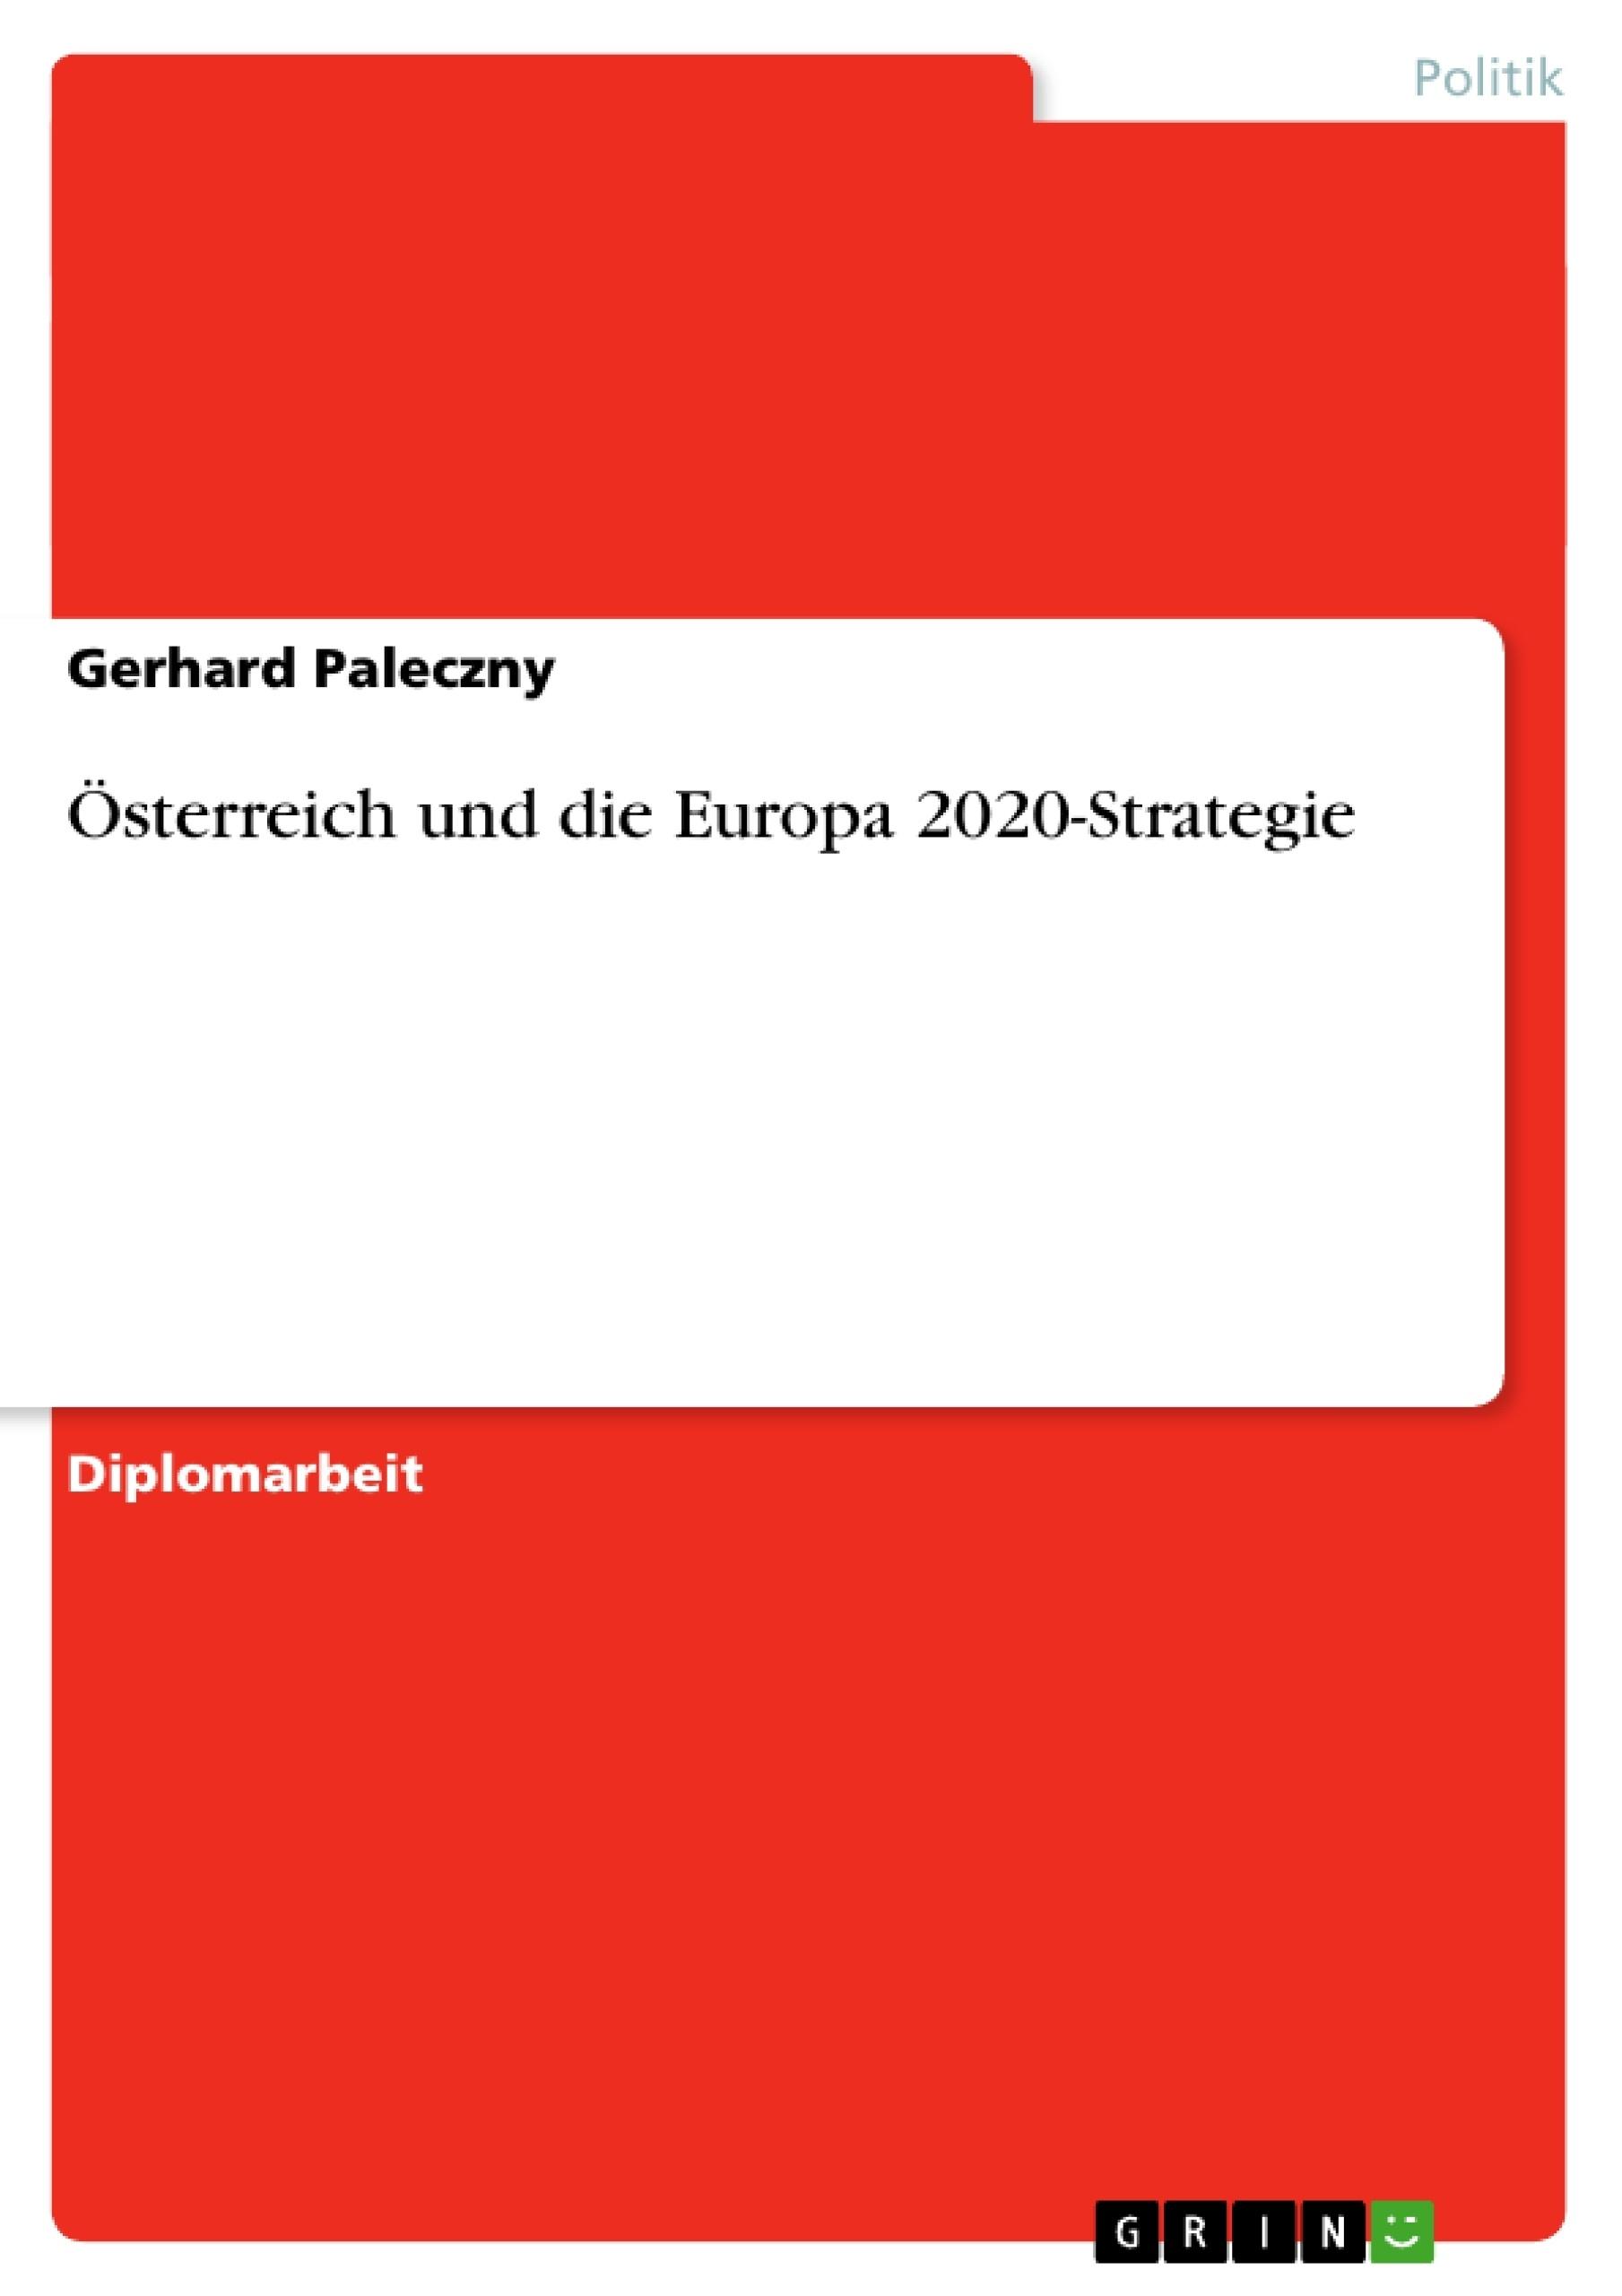 Titel: Österreich und die Europa 2020-Strategie